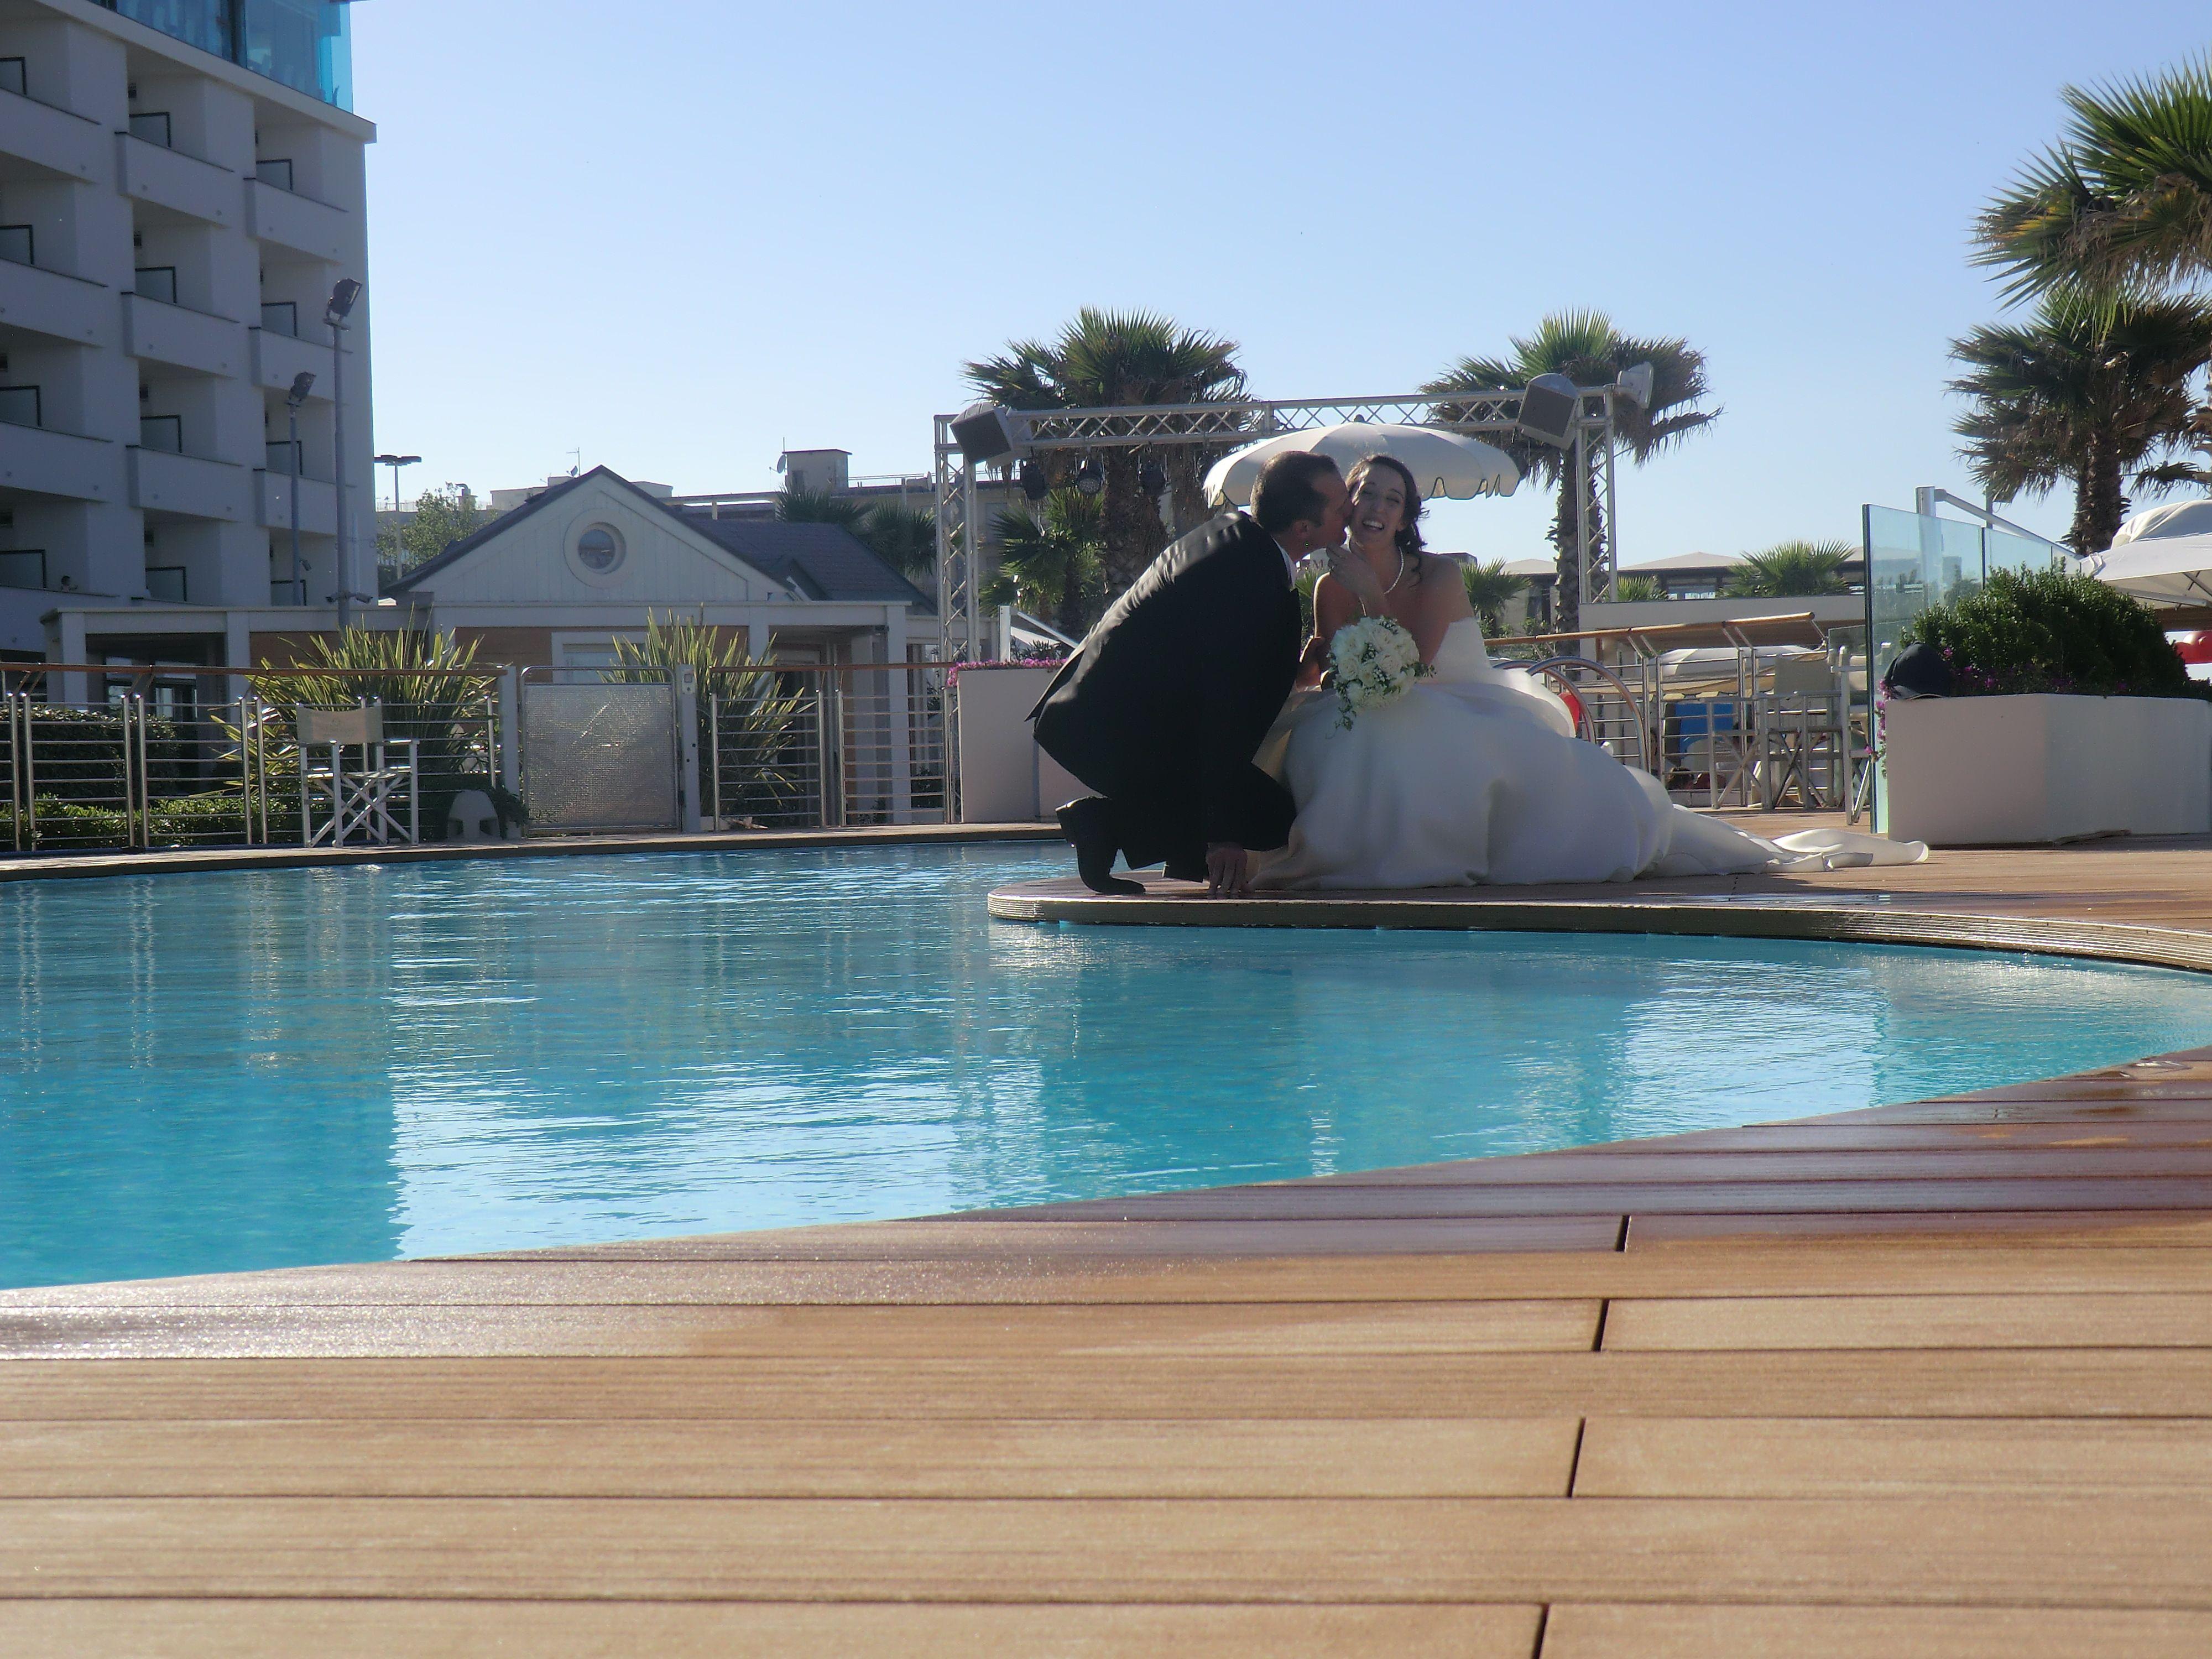 L'amore sulla spiaggia di Riccione... no anzi a bordo